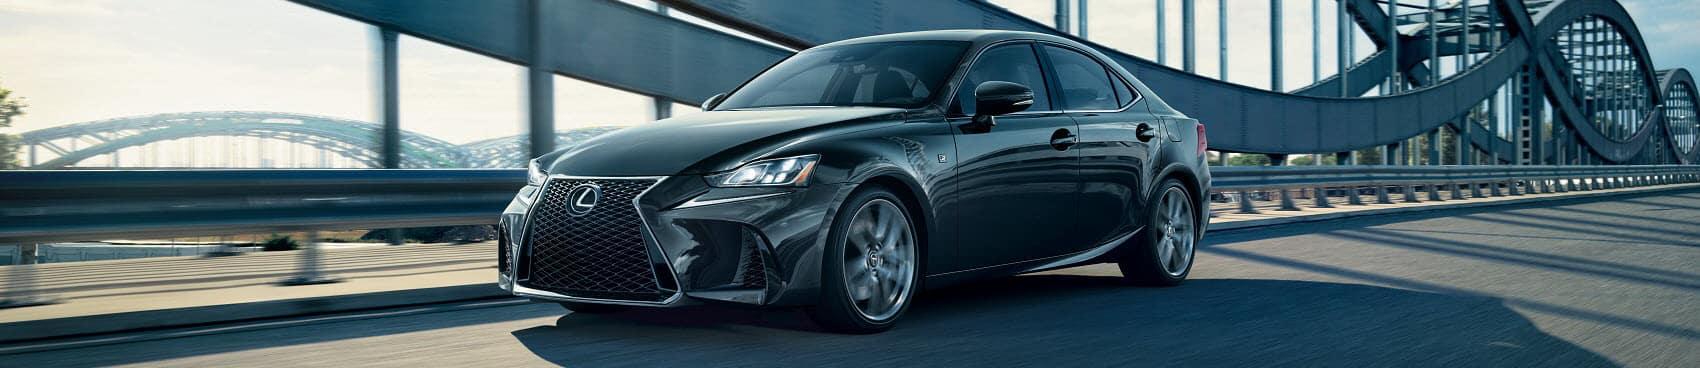 Lexus IS 300 AWD | Larchmont, NY